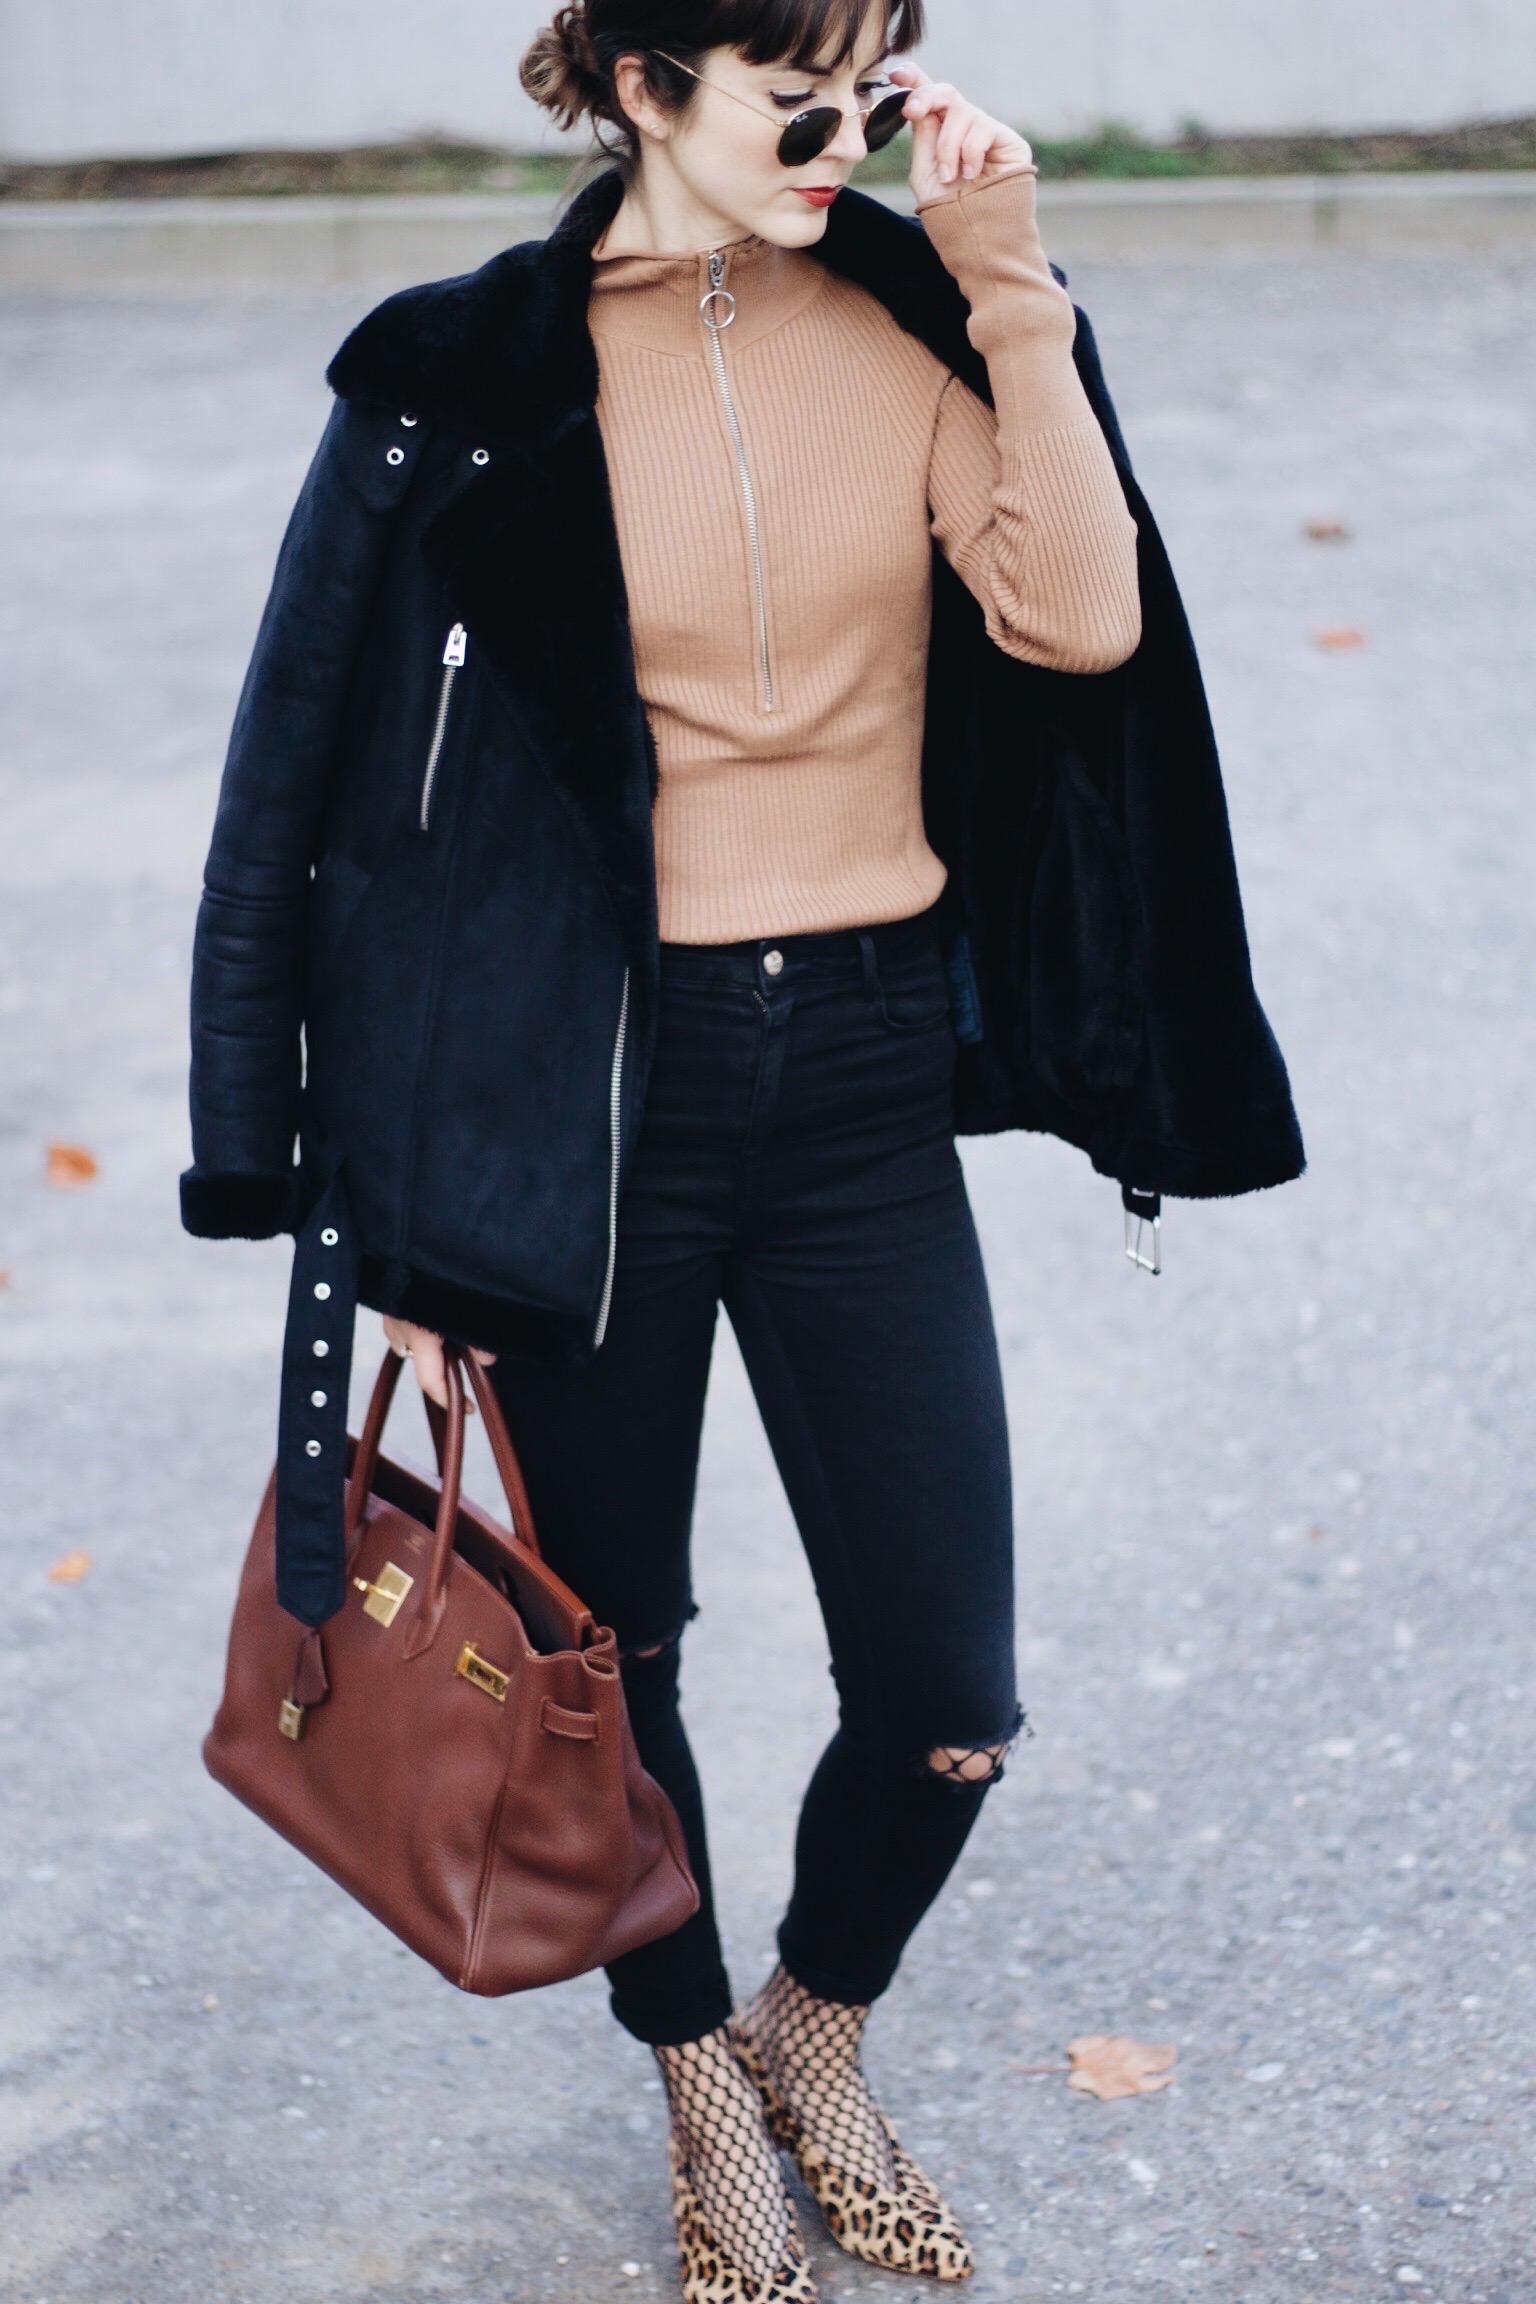 Birkin Bag Leo Pumps und Netzstrumpfhose heute auf meinem Modeblog